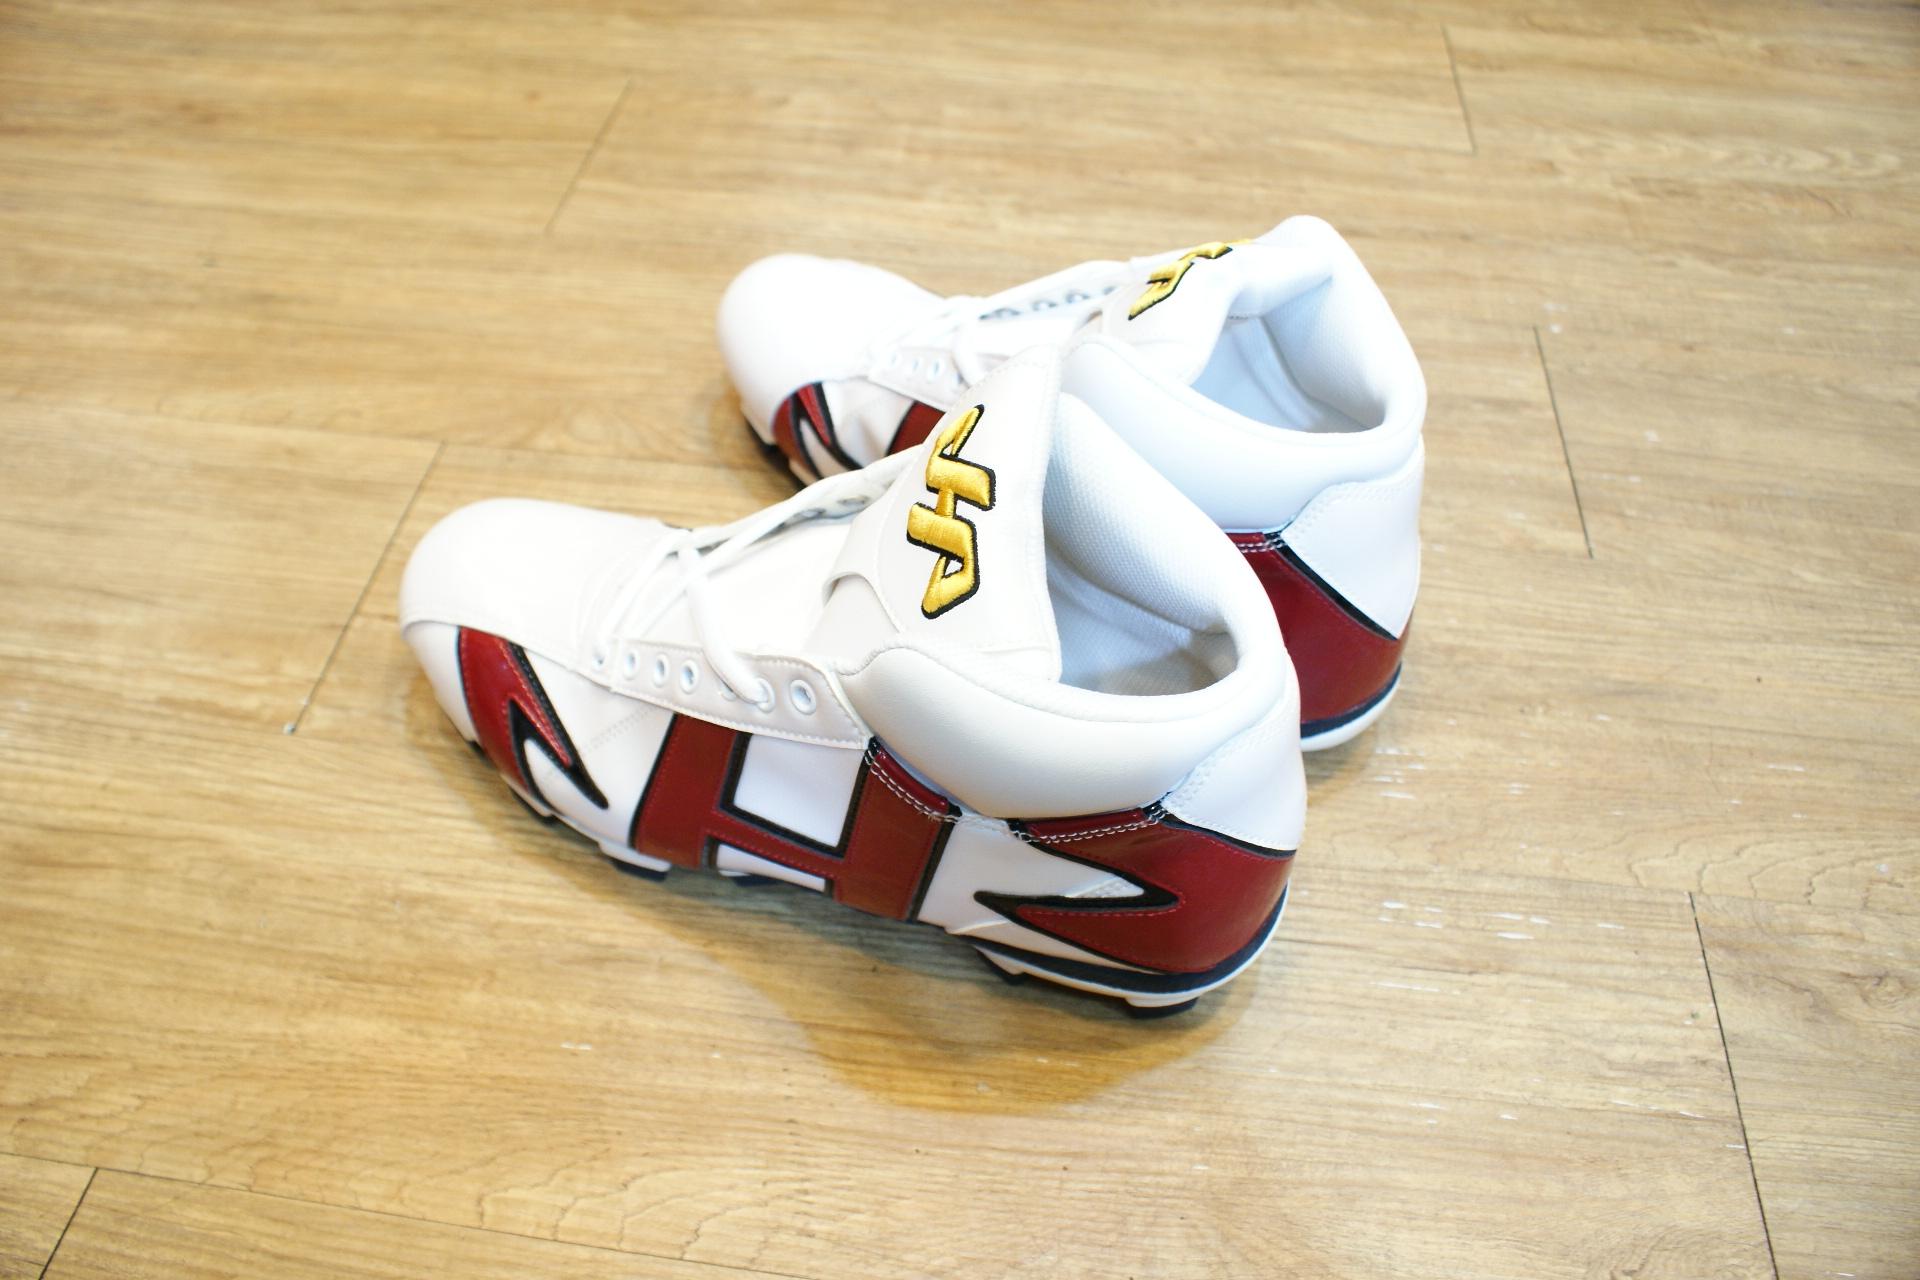 棒球世界 HA 新款亮面高筒膠釘棒壘球鞋 酒紅白配色 台灣製最低價